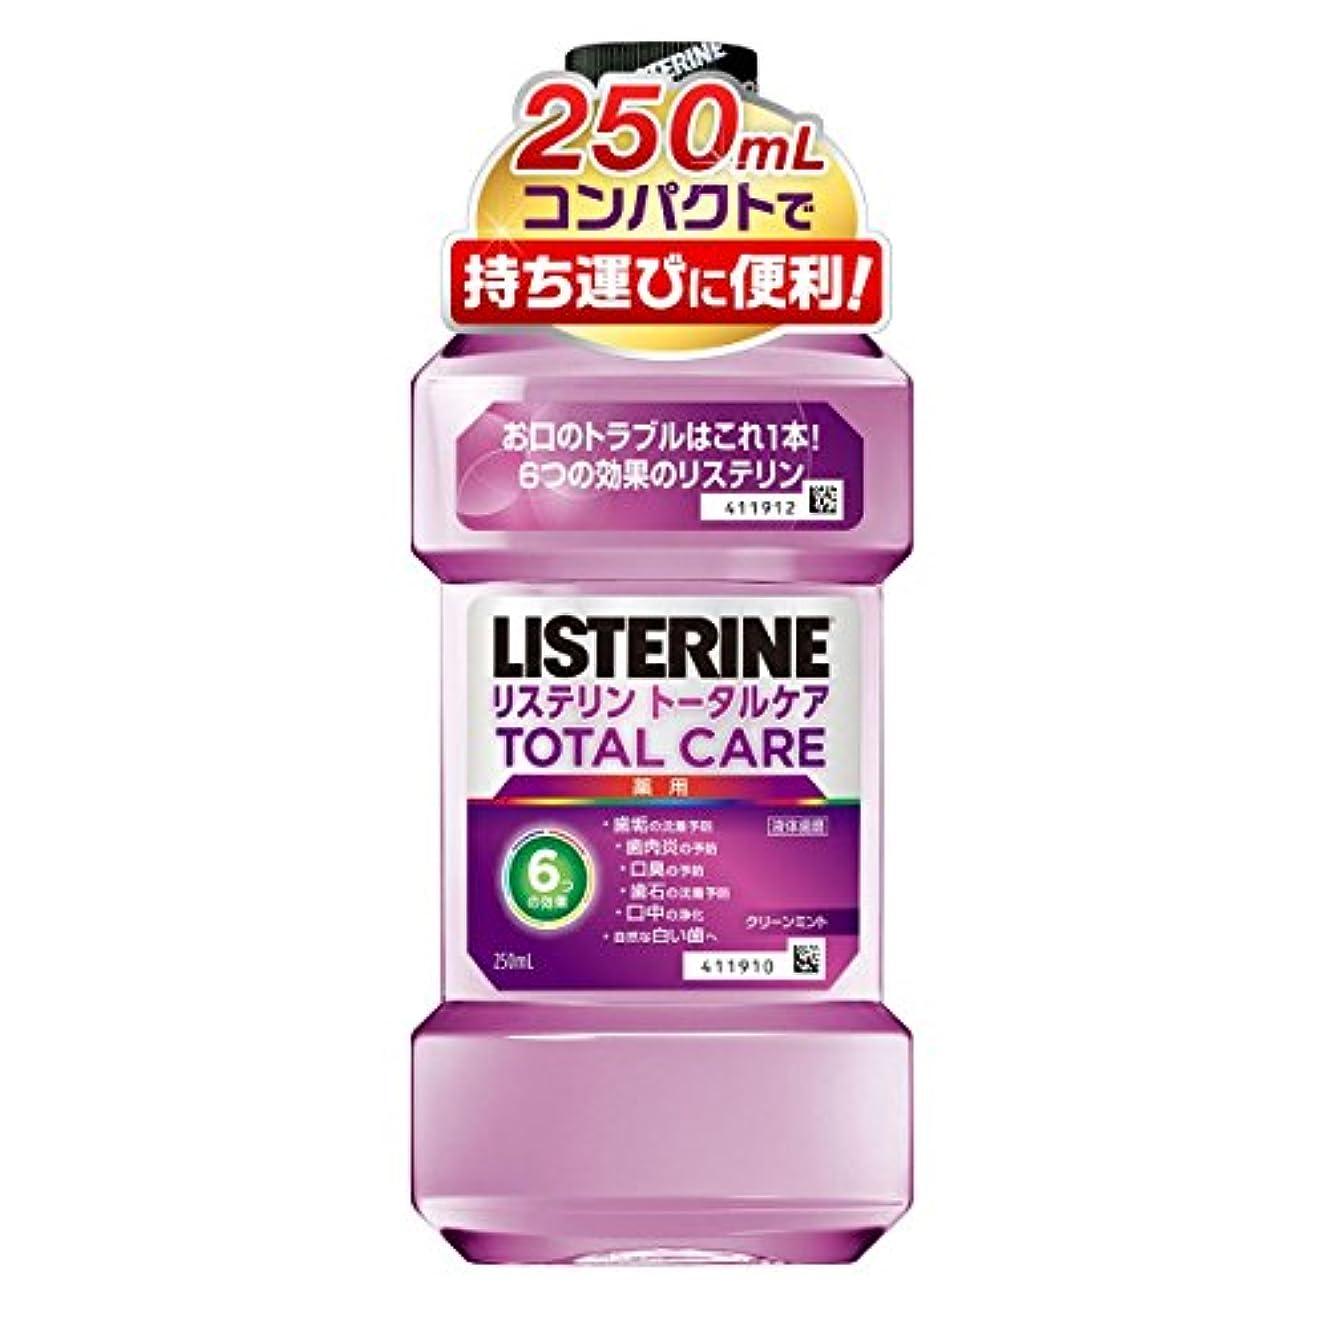 [医薬部外品] 薬用 リステリン マウスウォッシュ トータルケア 250mL【持ち運びサイズ】